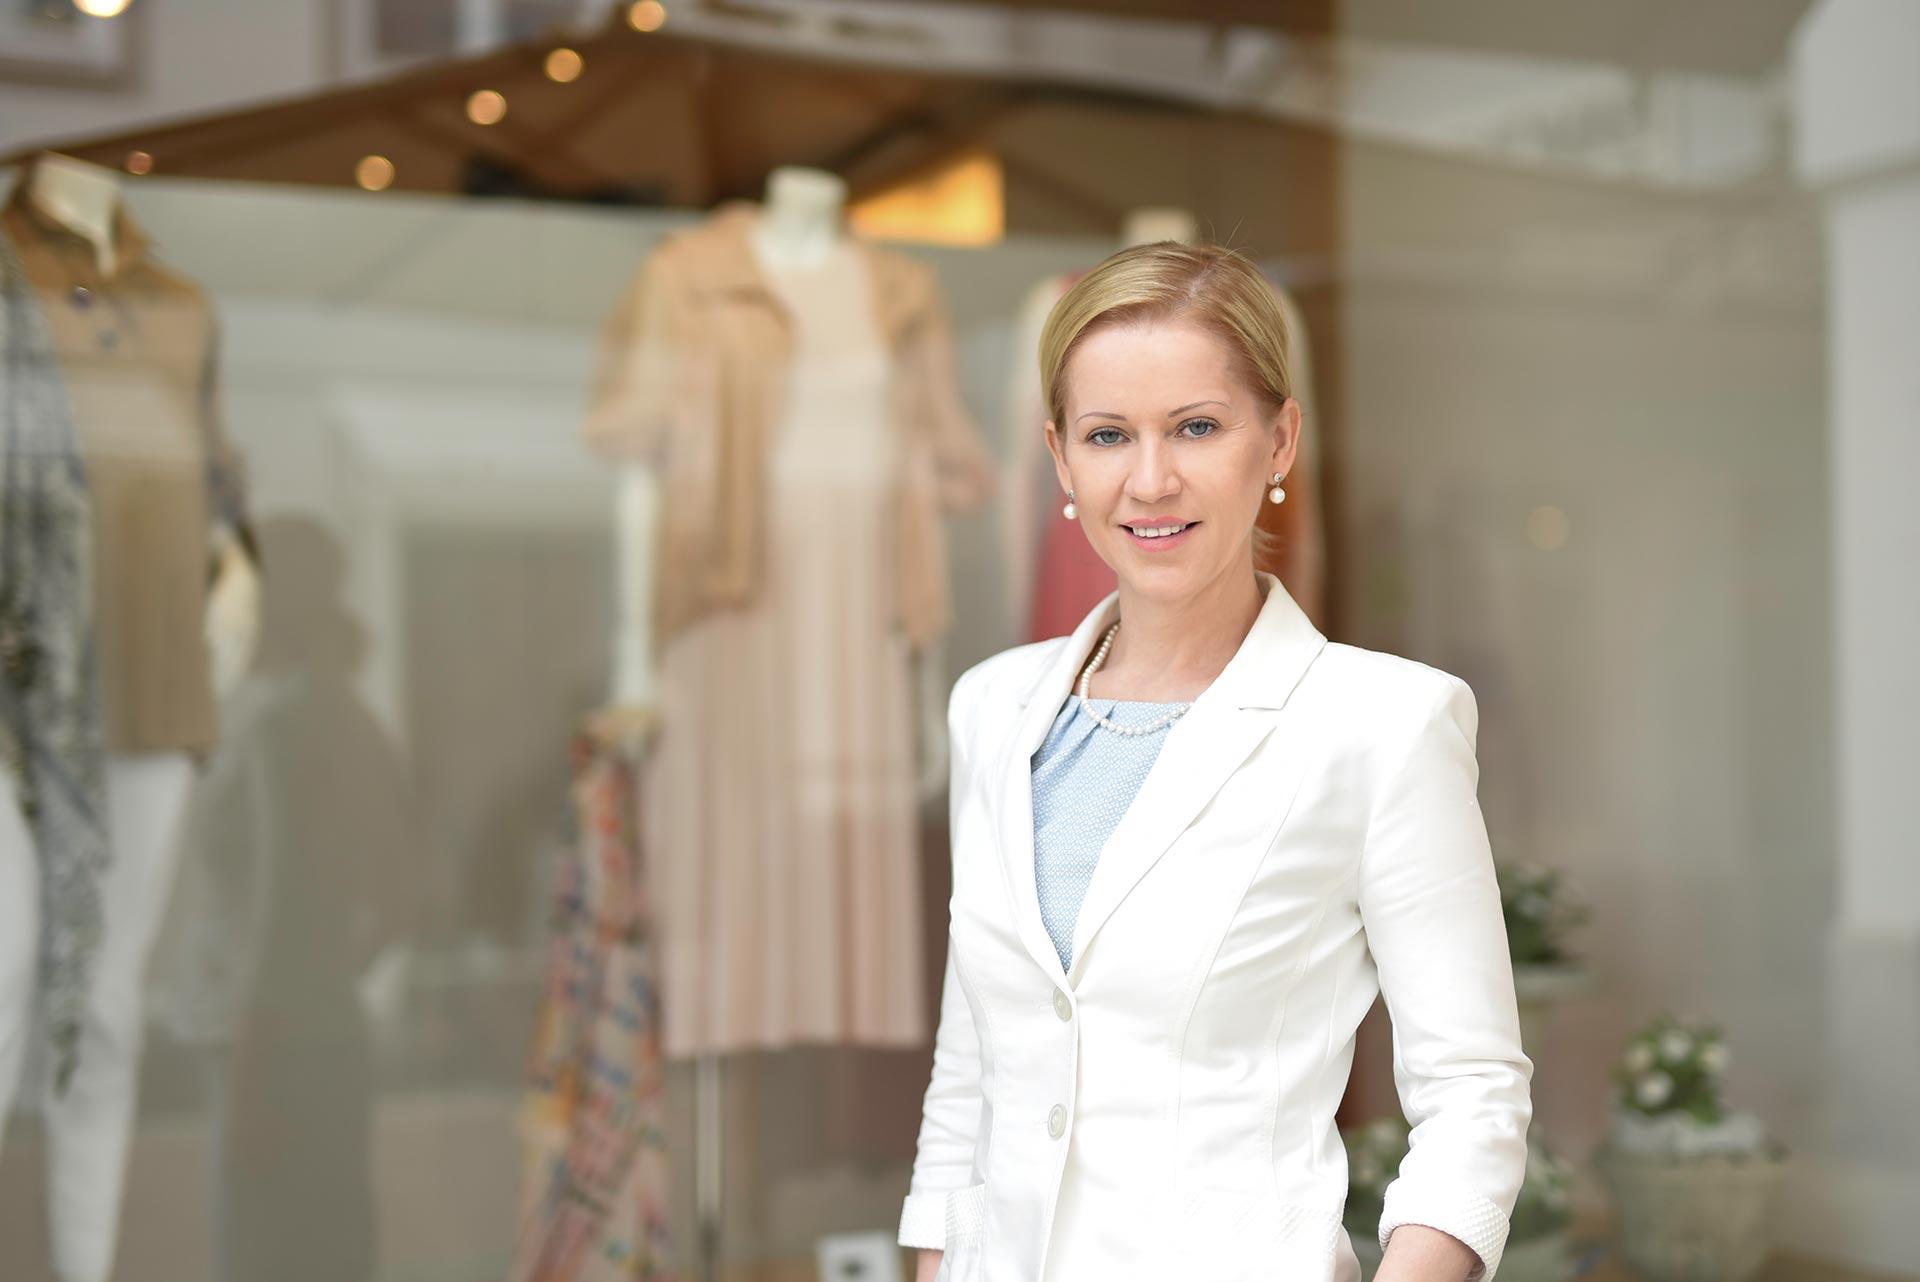 Janine Katharina Pötsch Knigge Trainerin München - vor einem exklusiven Modegeschäft